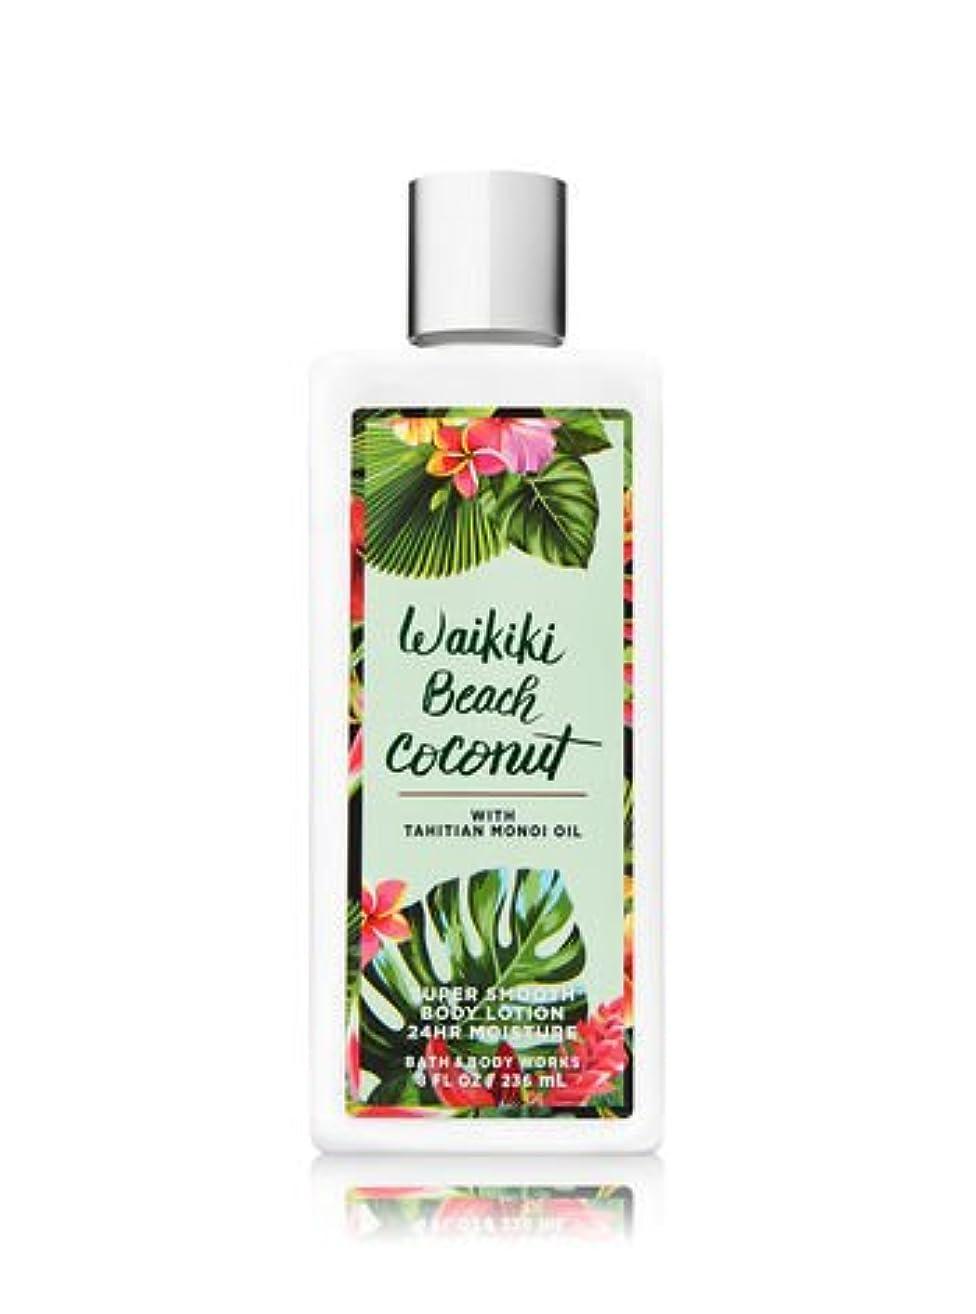 分泌する魅了するギャンブル【Bath&Body Works/バス&ボディワークス】 ボディローション ワイキキビーチココナッツ Super Smooth Body Lotion Waikiki Beach Coconut 8 fl oz / 236 mL [並行輸入品]